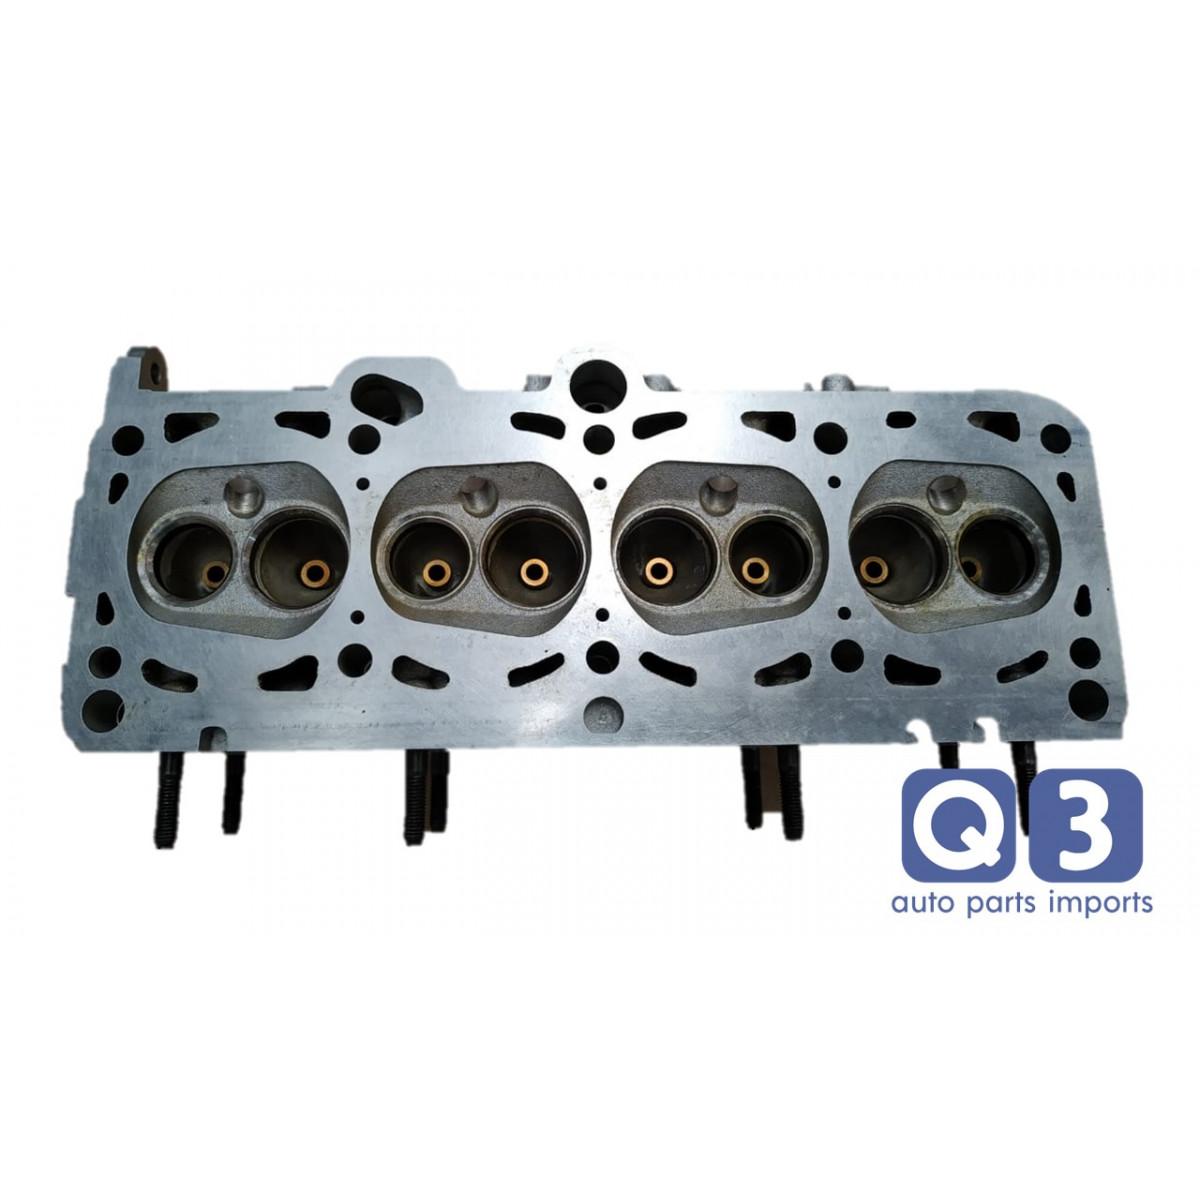 Cabeçote Volkswagen Golf 1.6 8V Motor AKL Novo Original